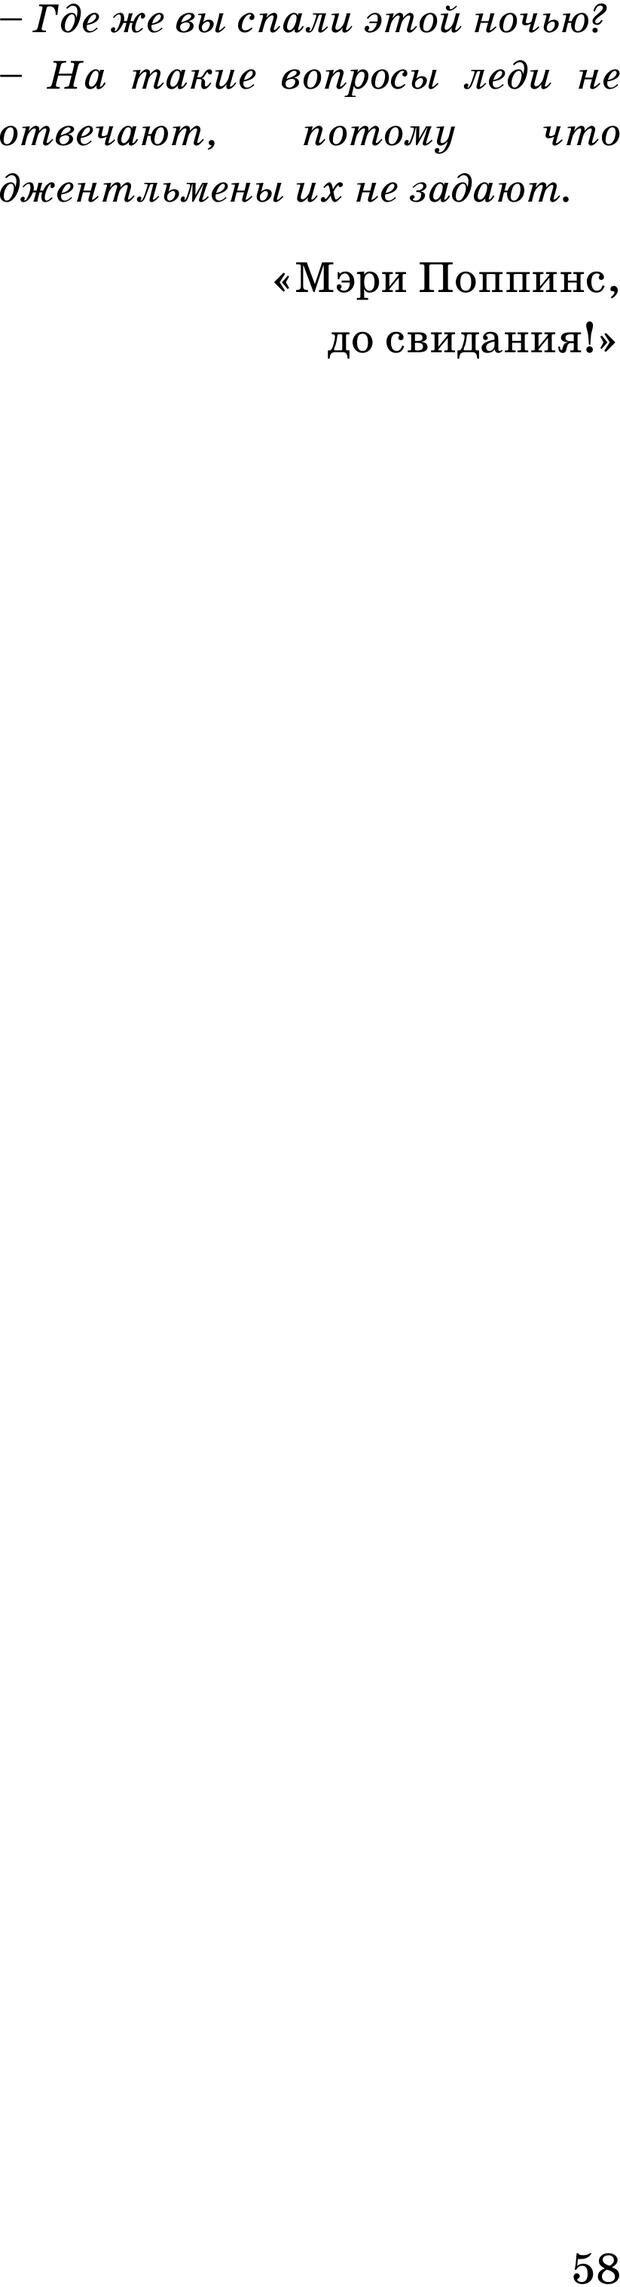 PDF. Русская Модель Эффективного Соблазнения. Мастерский курс. Богачев Ф. О. Страница 53. Читать онлайн